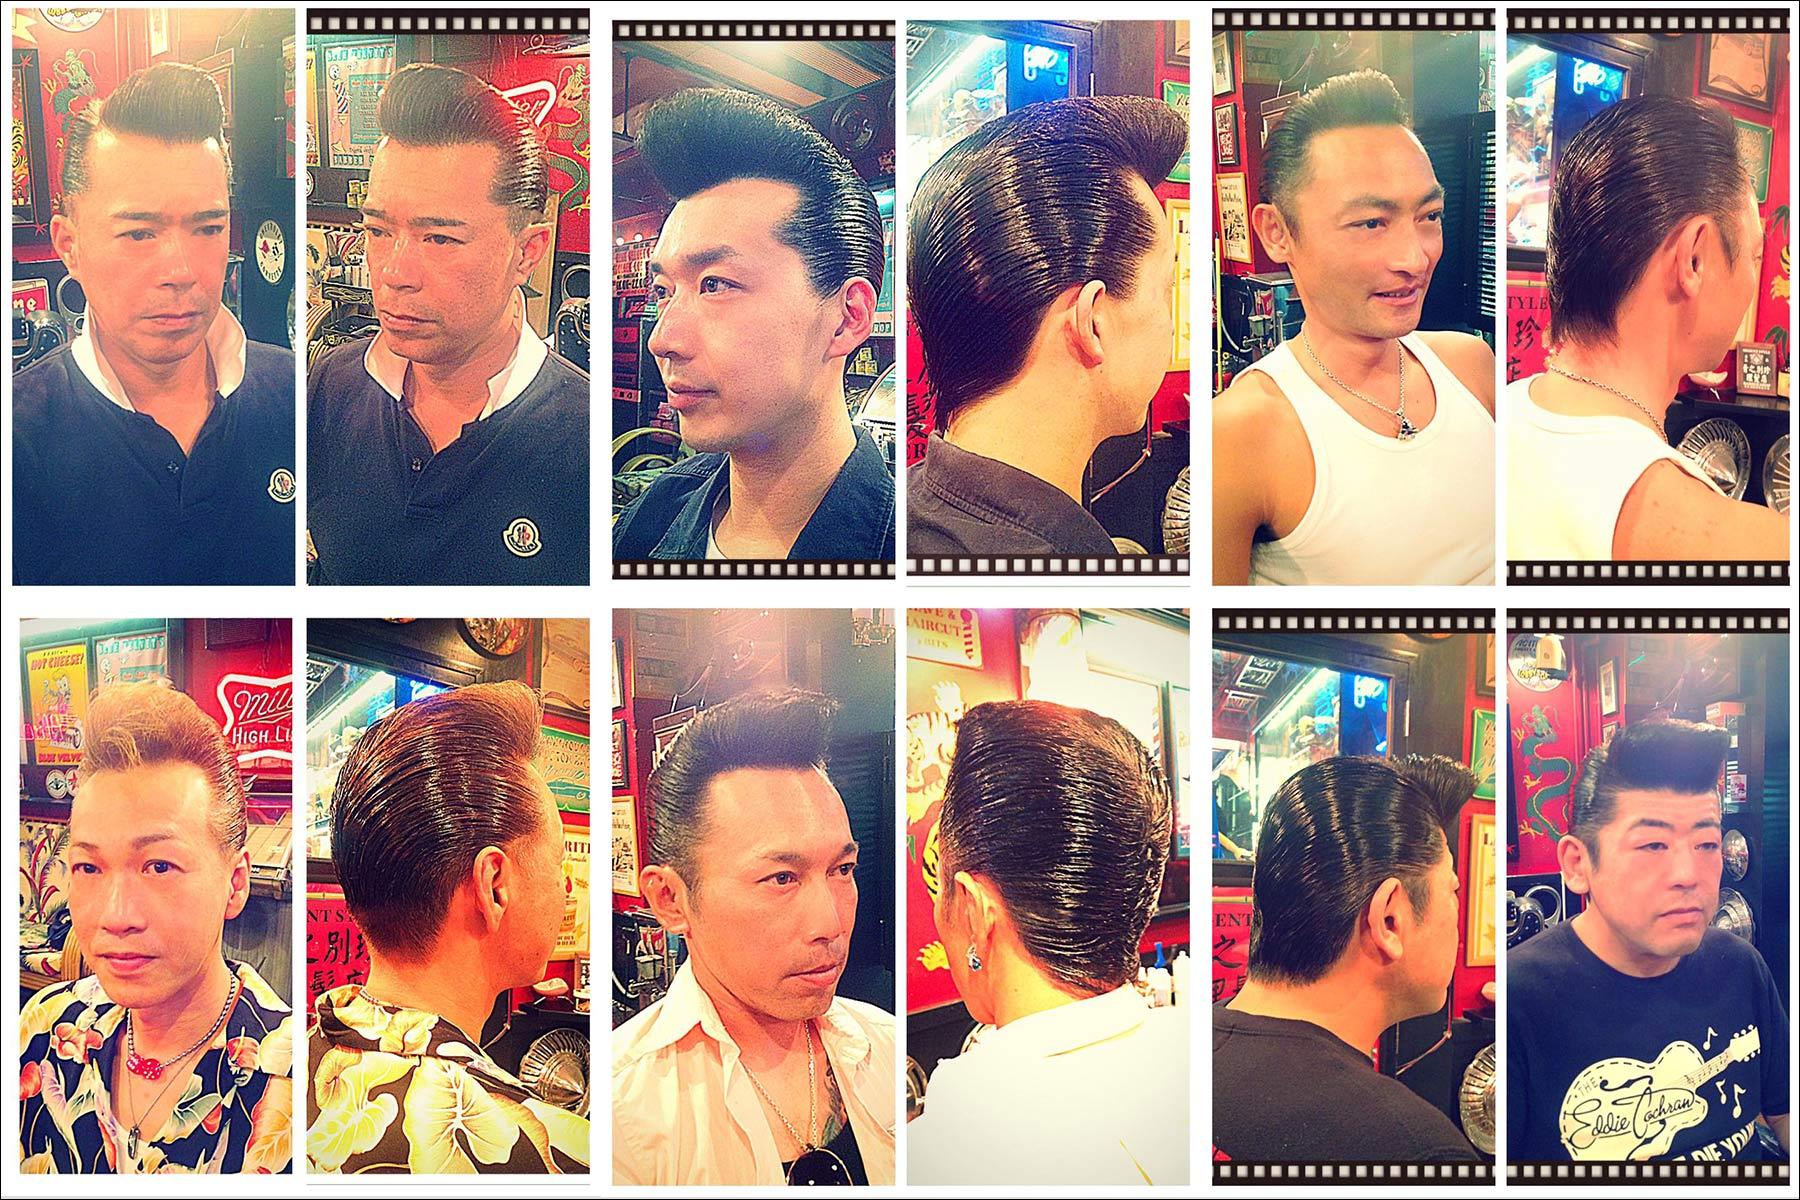 Portraits of Japanese men in 1950s style pompadours from Blue Velvet's barber shop. Ponyboy magazine New York.